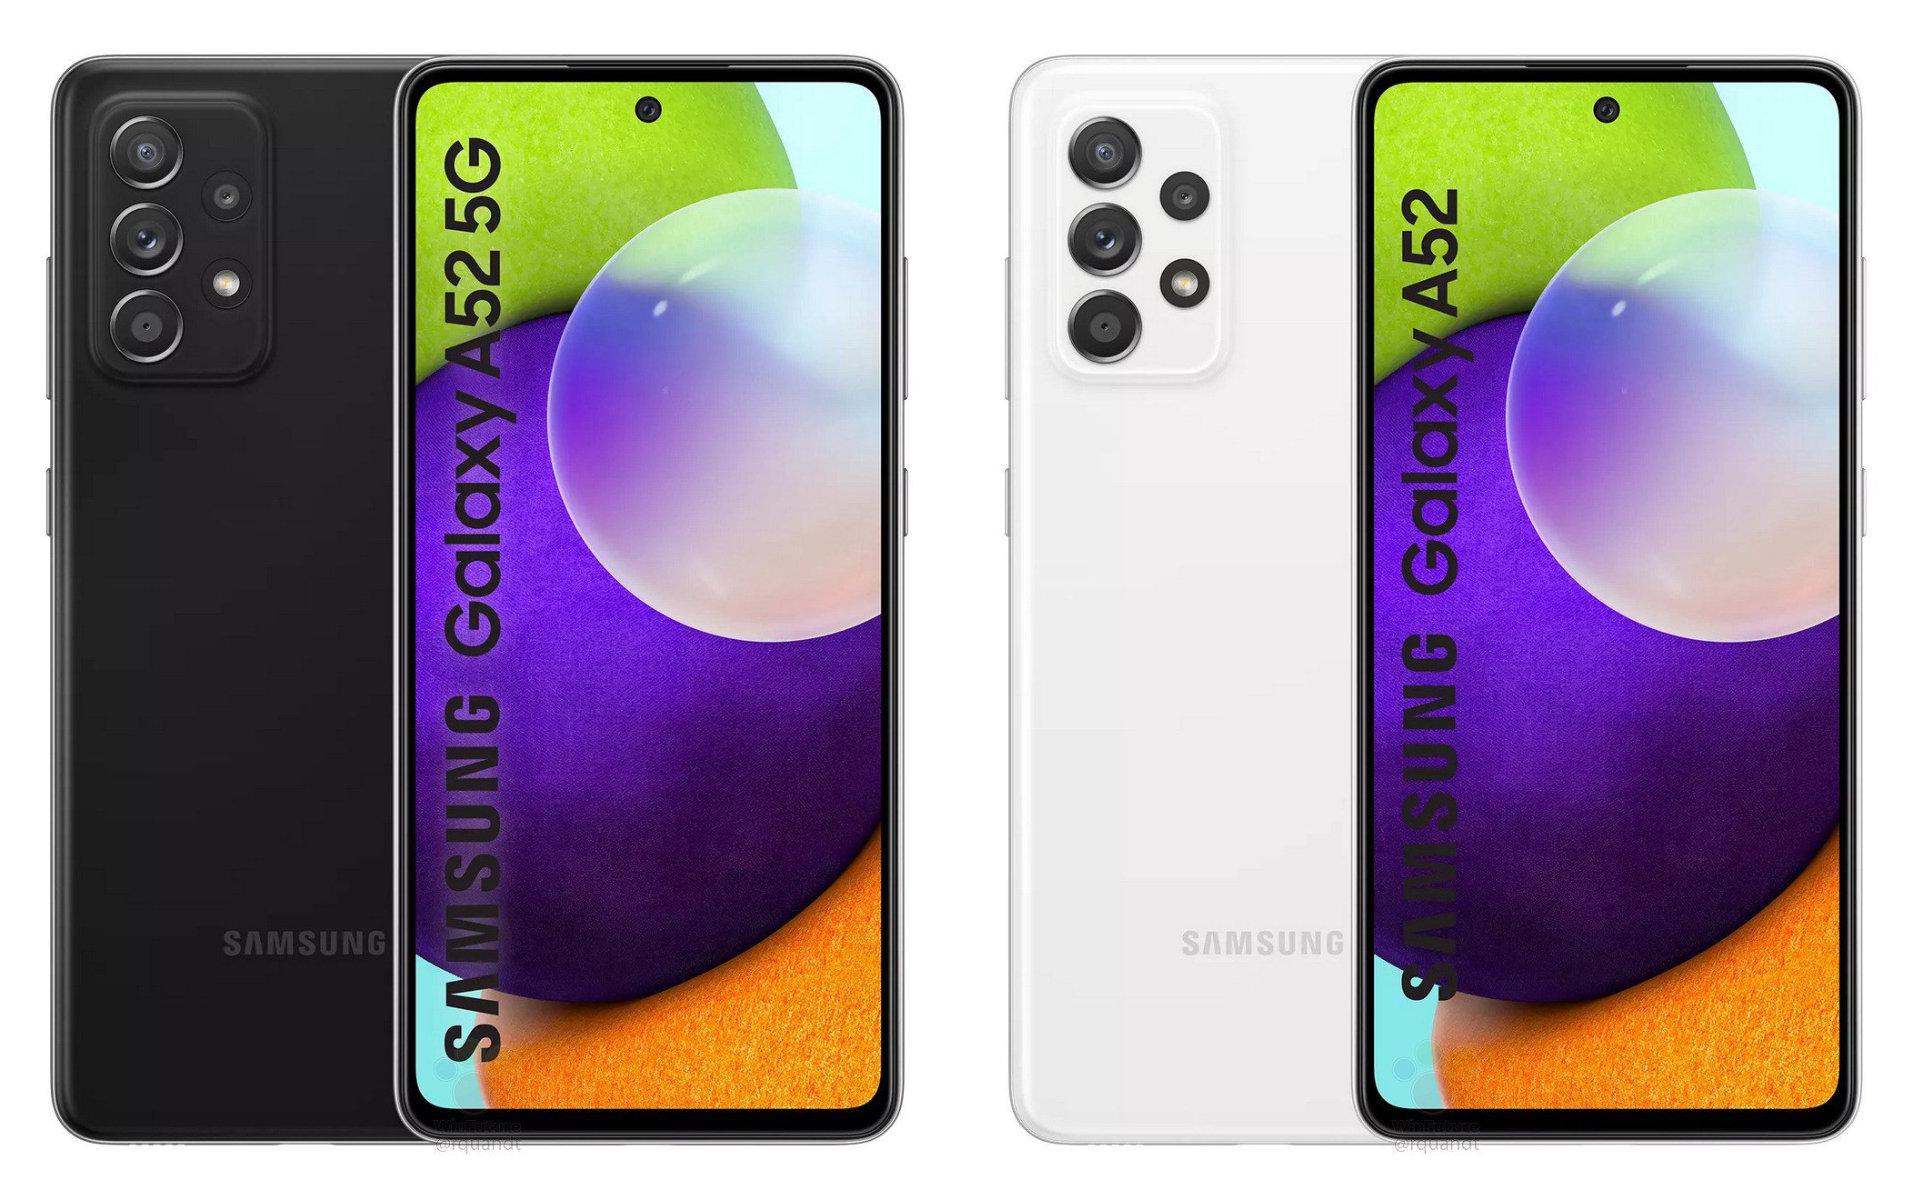 Samsung Galaxy A52 : design, prix, caractéristiques, une fuite dévoile tout du futur best-seller - Frandroid